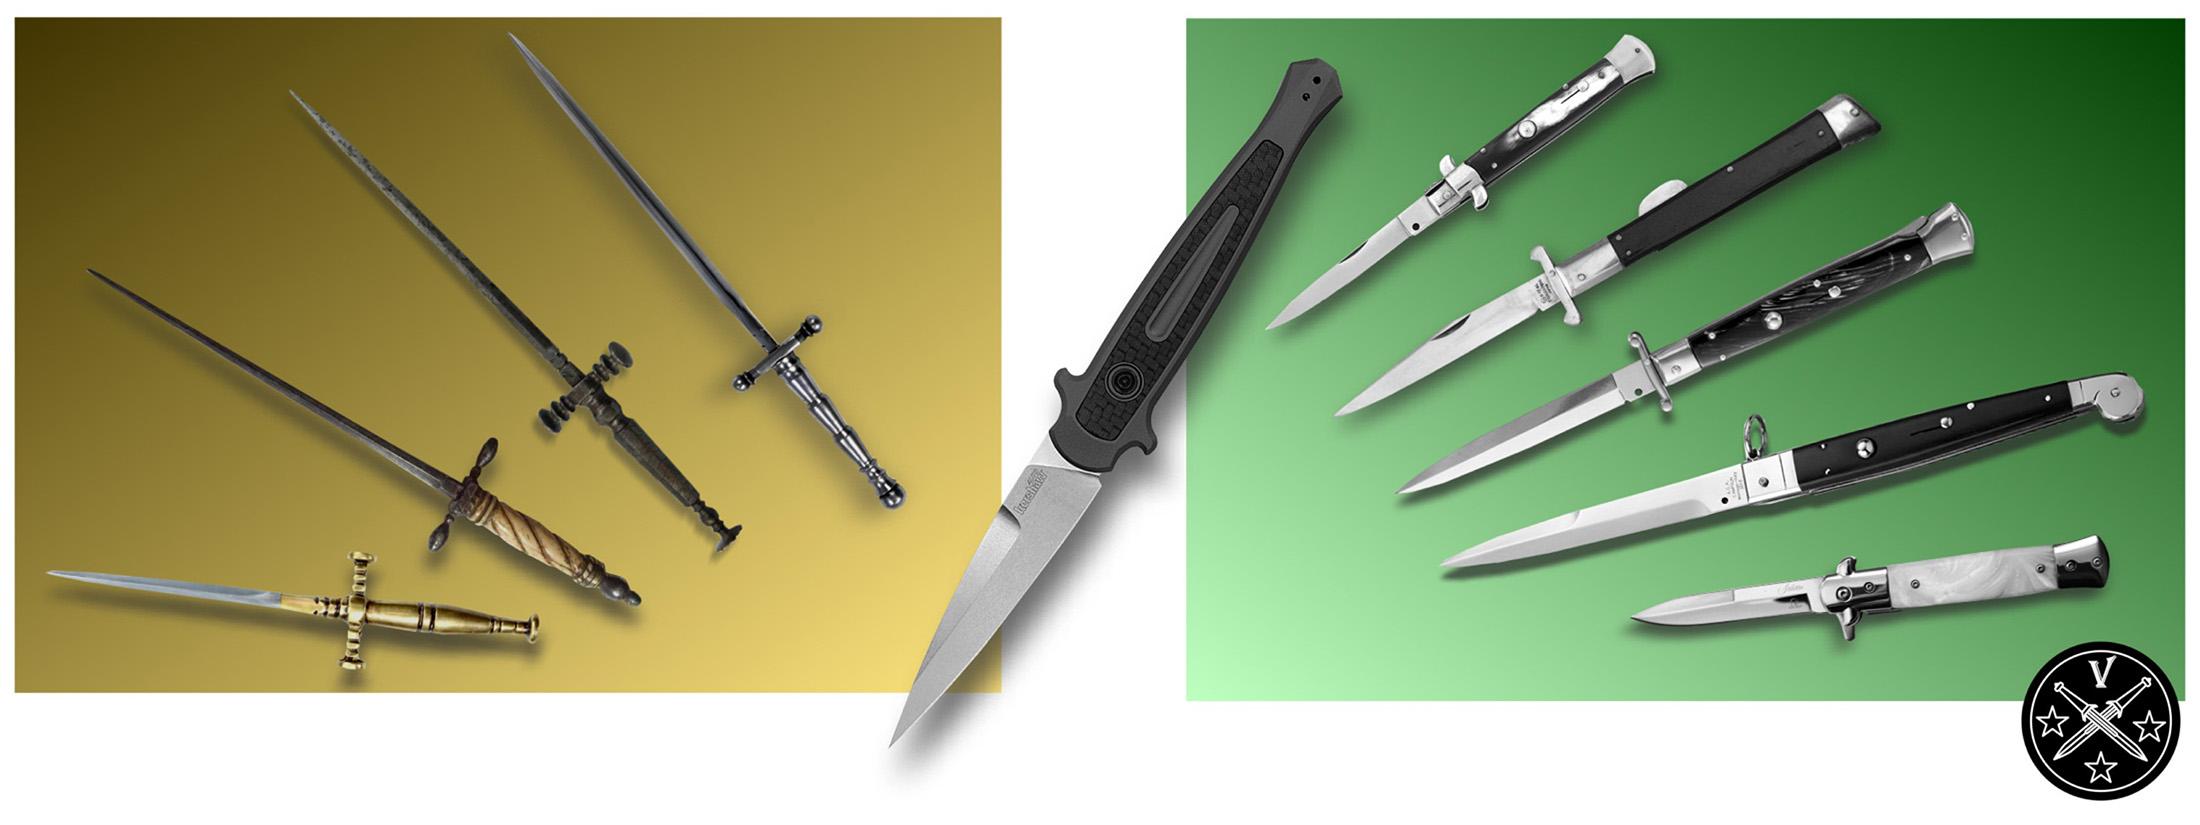 Классические средневековые стилеты (слева) и выкидные автоматические кнопочные «итальянские стилеты» (справа)